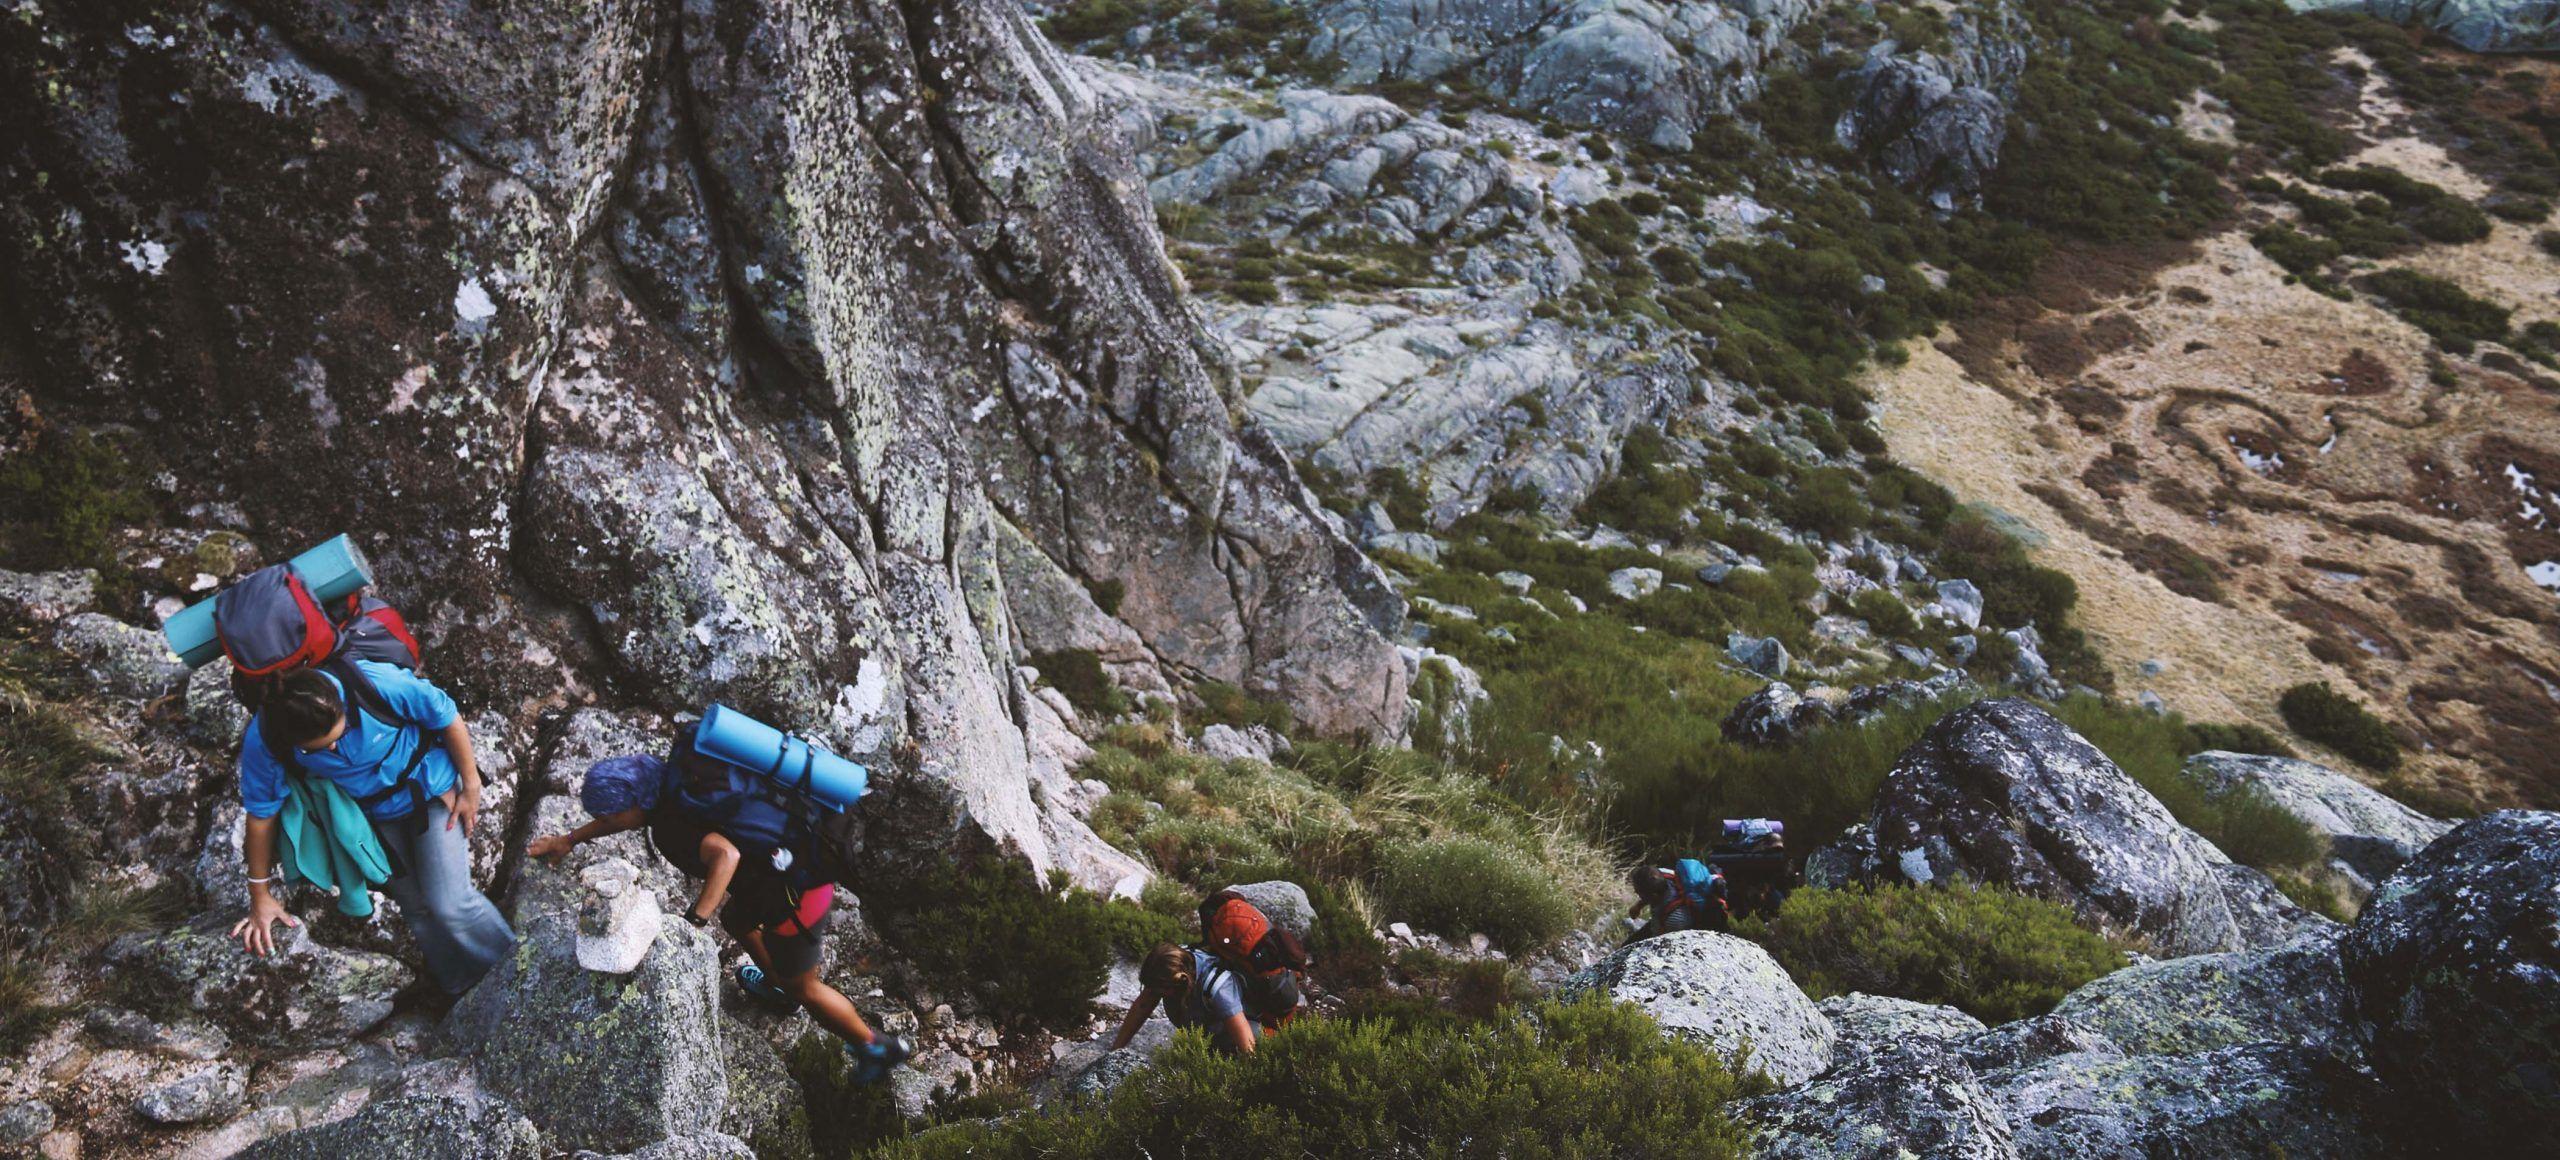 excursion a pueblos bereberes